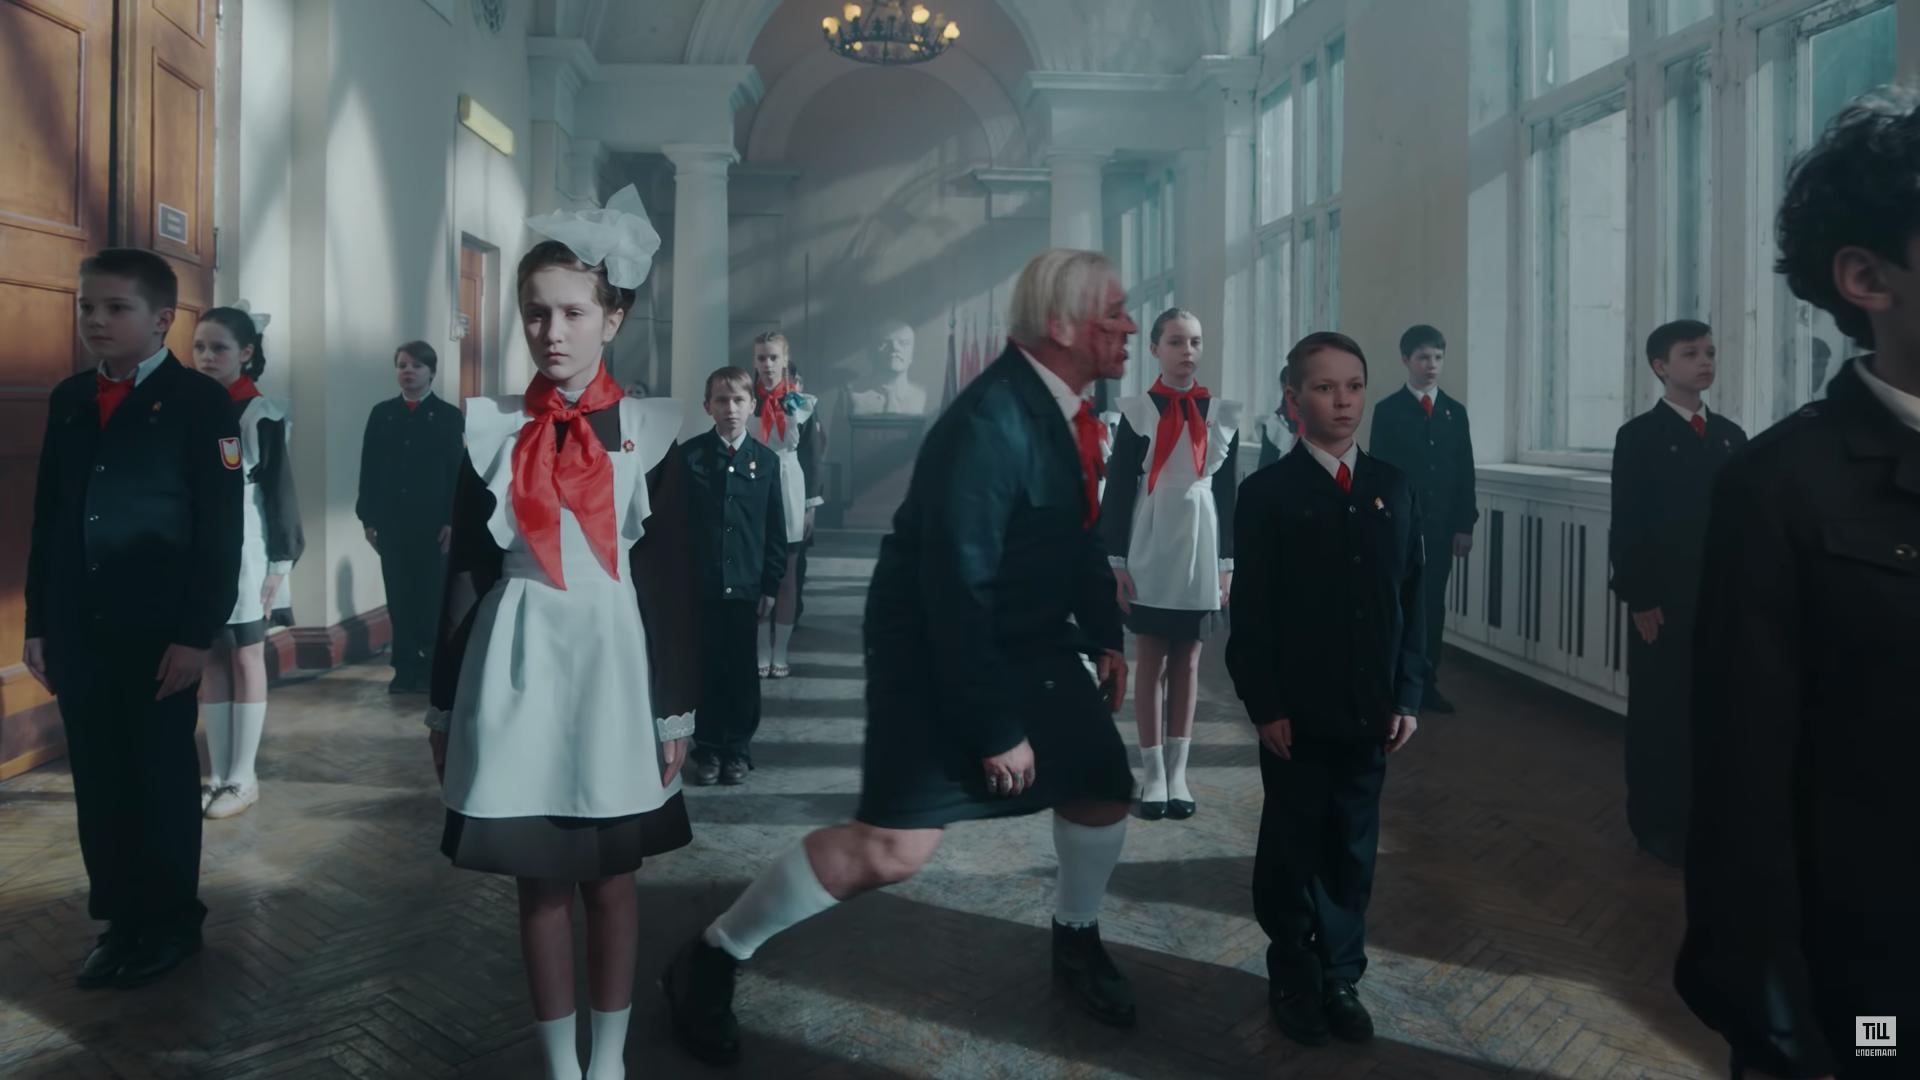 Солист Rammstein в День защиты детей выпустил клип на песню про ненависть к малышам